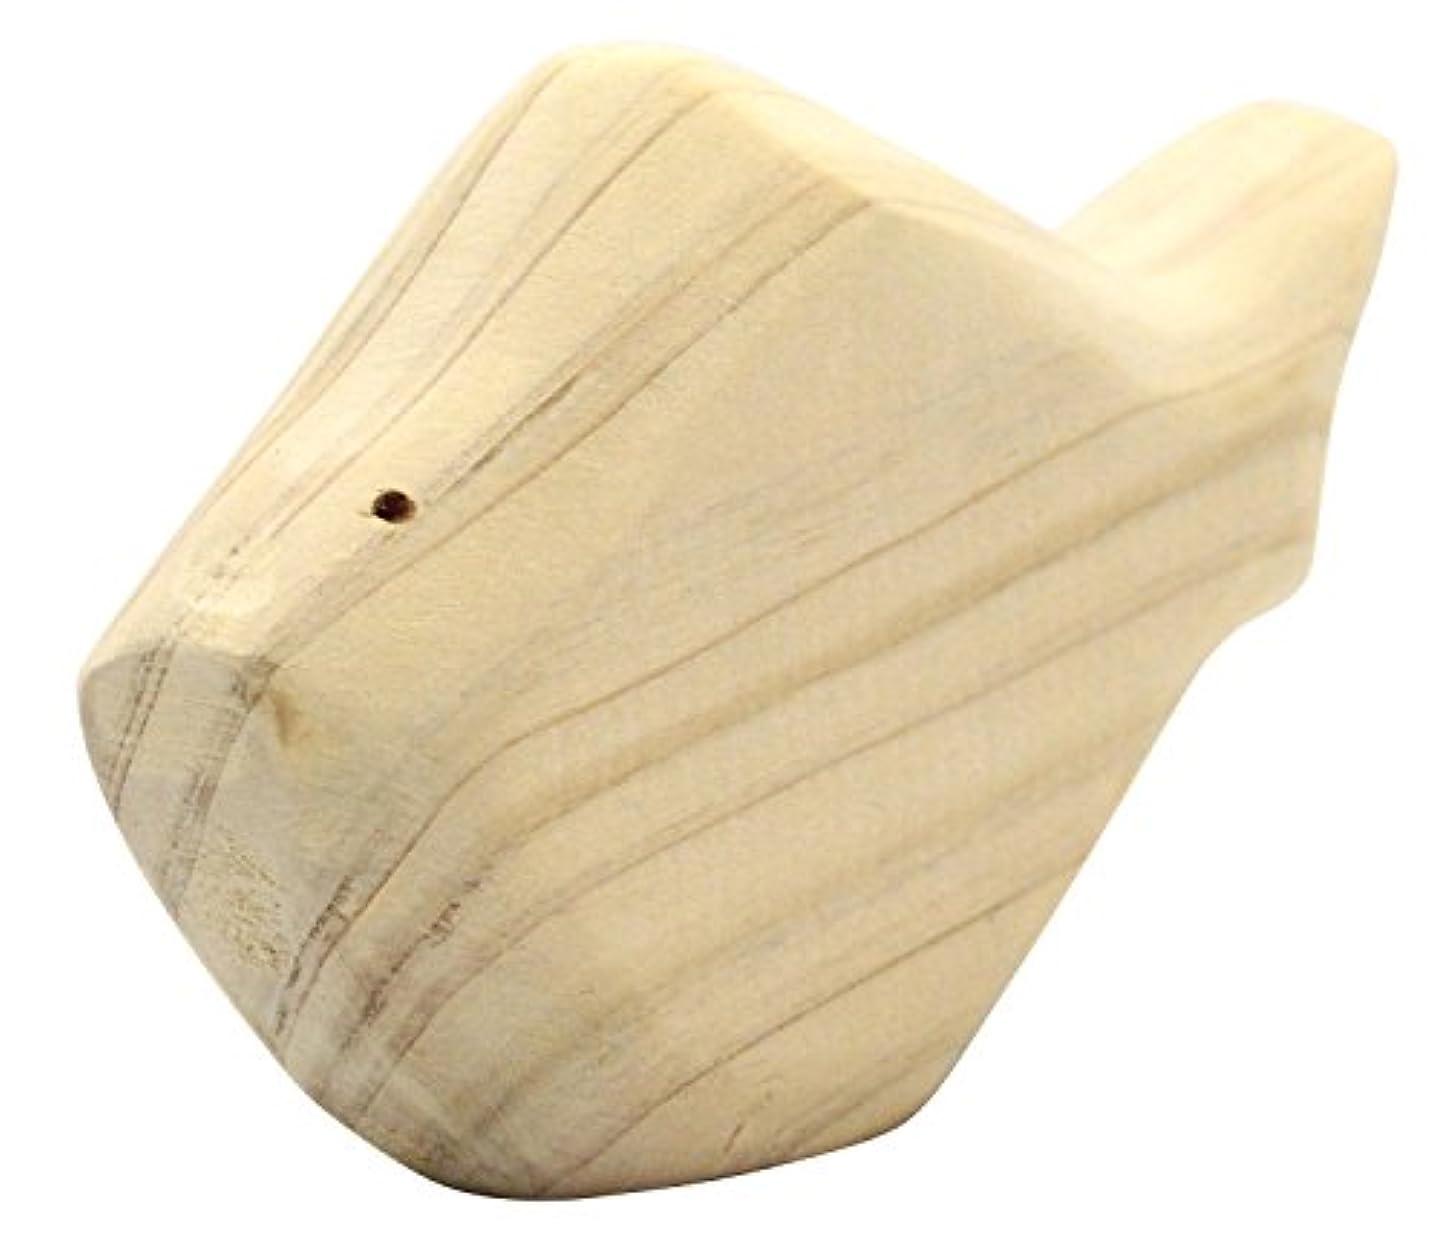 起きる調べる銀YUIRO ツボ押し ヒーリングアニマル まだい 8.6×4.7×1.7cm YG-1500